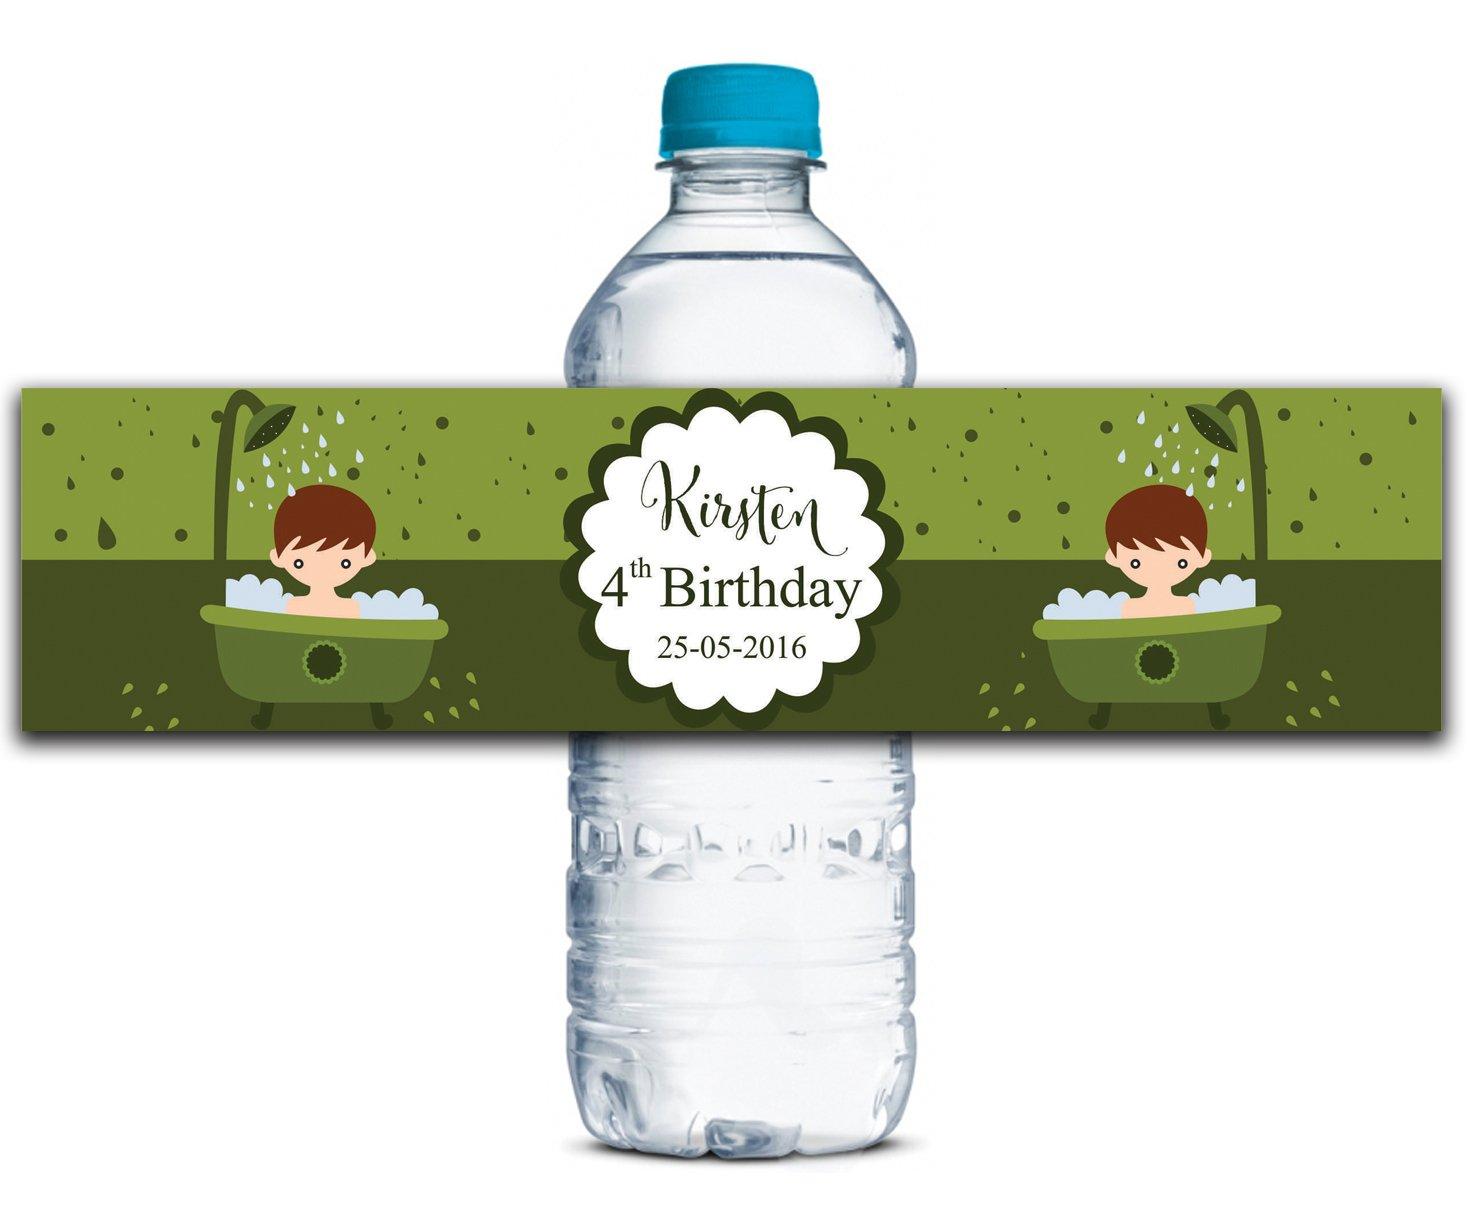 Personalisierte Wasserflasche Etiketten Etiketten Etiketten Selbstklebende wasserdichte Kundenspezifische Geburtstags-Aufkleber 8  x 2  Zoll - 50 Etiketten B01A0W17CM | Viele Sorten  95c5a4